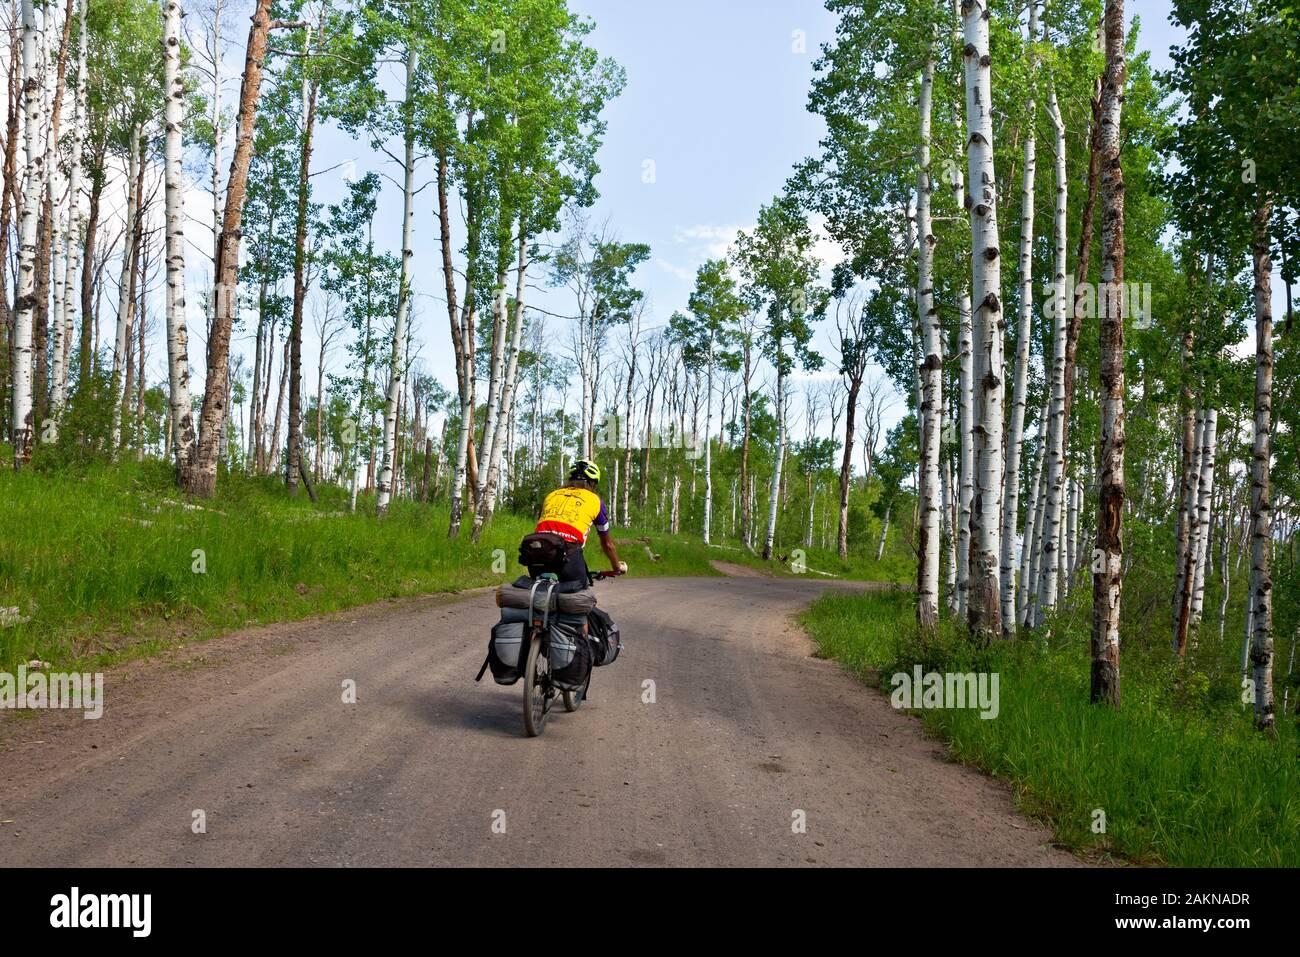 CO00208-00...Colorado - Caballo a través de un forro de árboles de Aspen por la carretera 129 en la sección alternativa Columbine de la gran brecha de ruta en bicicleta de montaña. Foto de stock